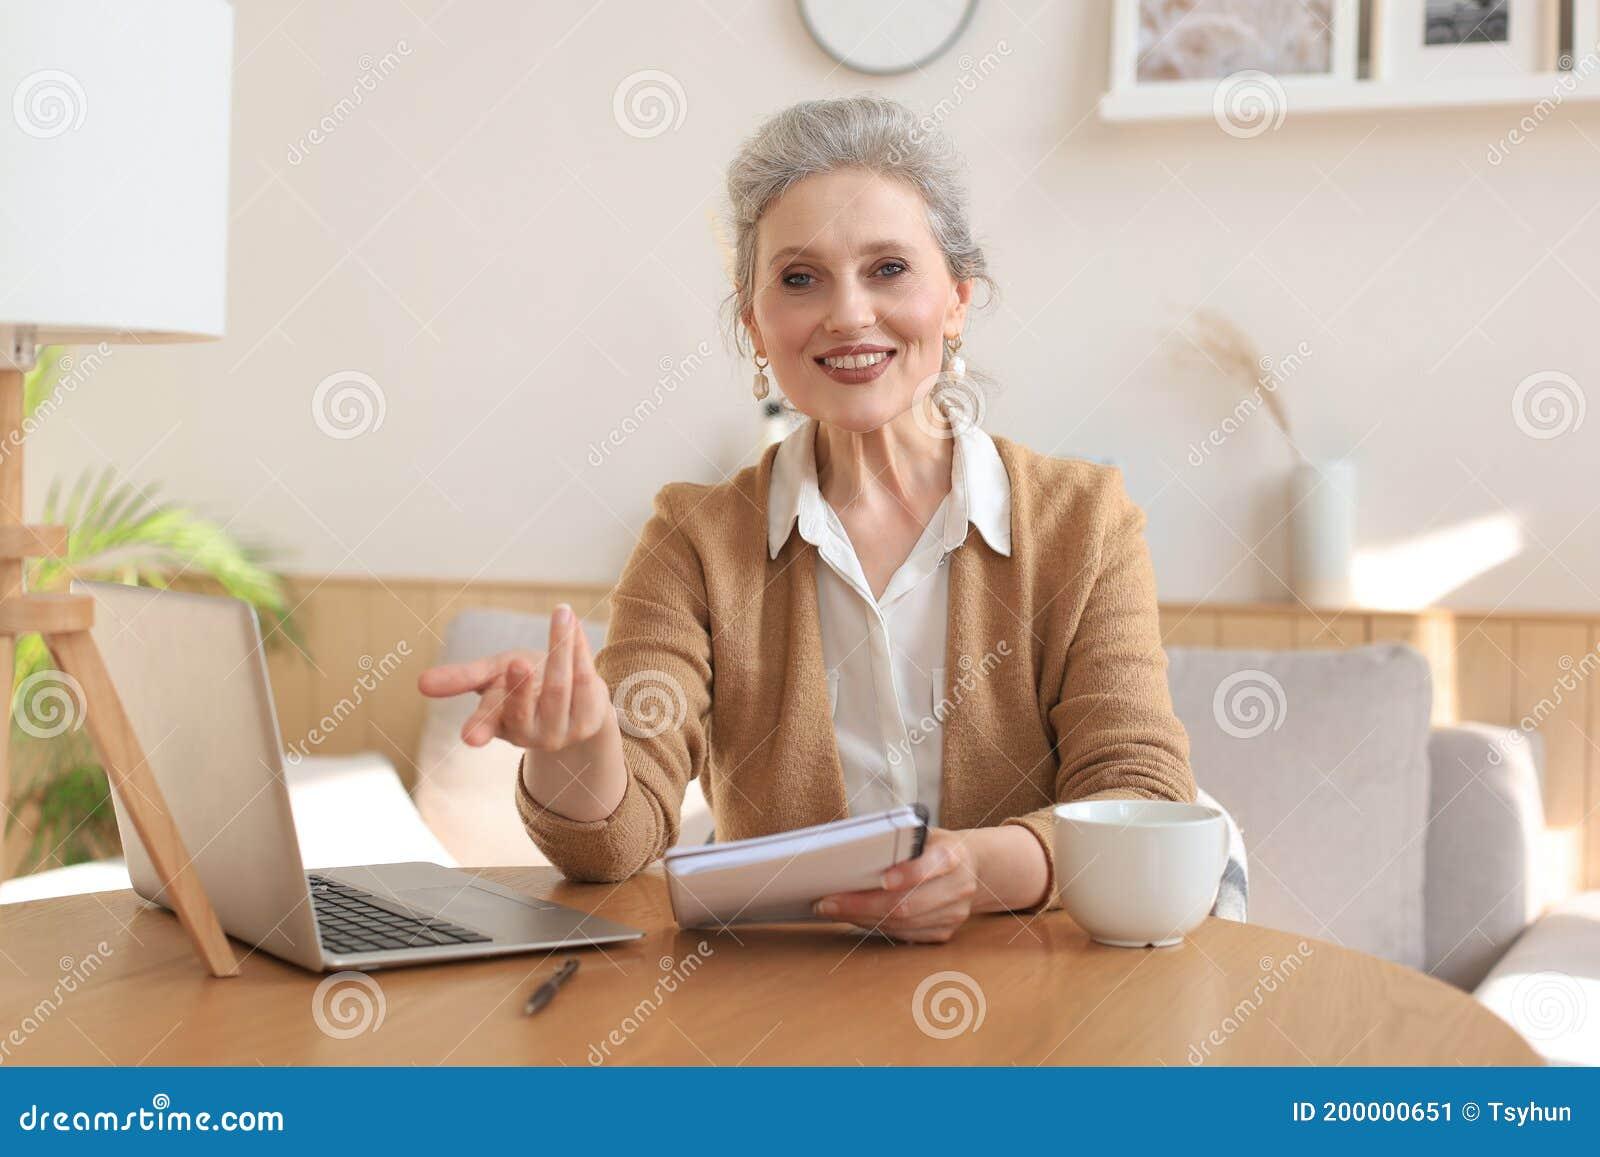 interviu online dating)